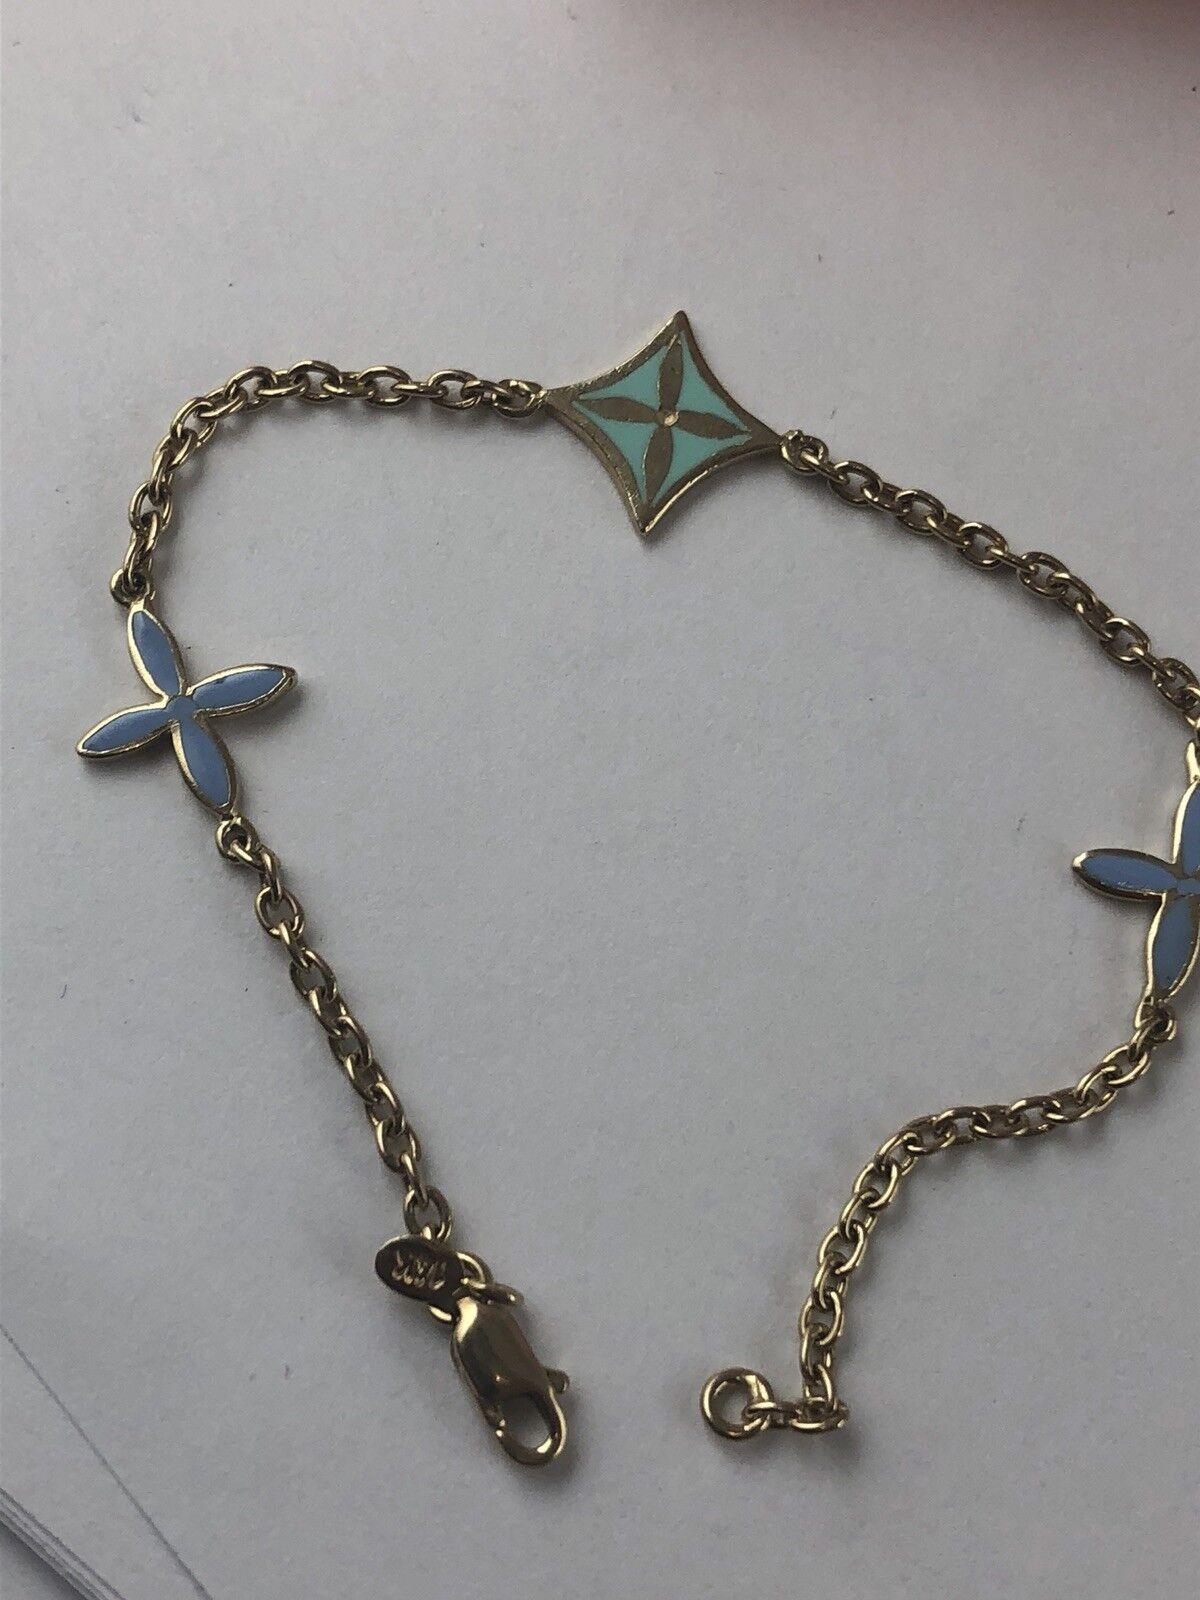 Vintage 14 K gold Enamel Chain Link Bracelet